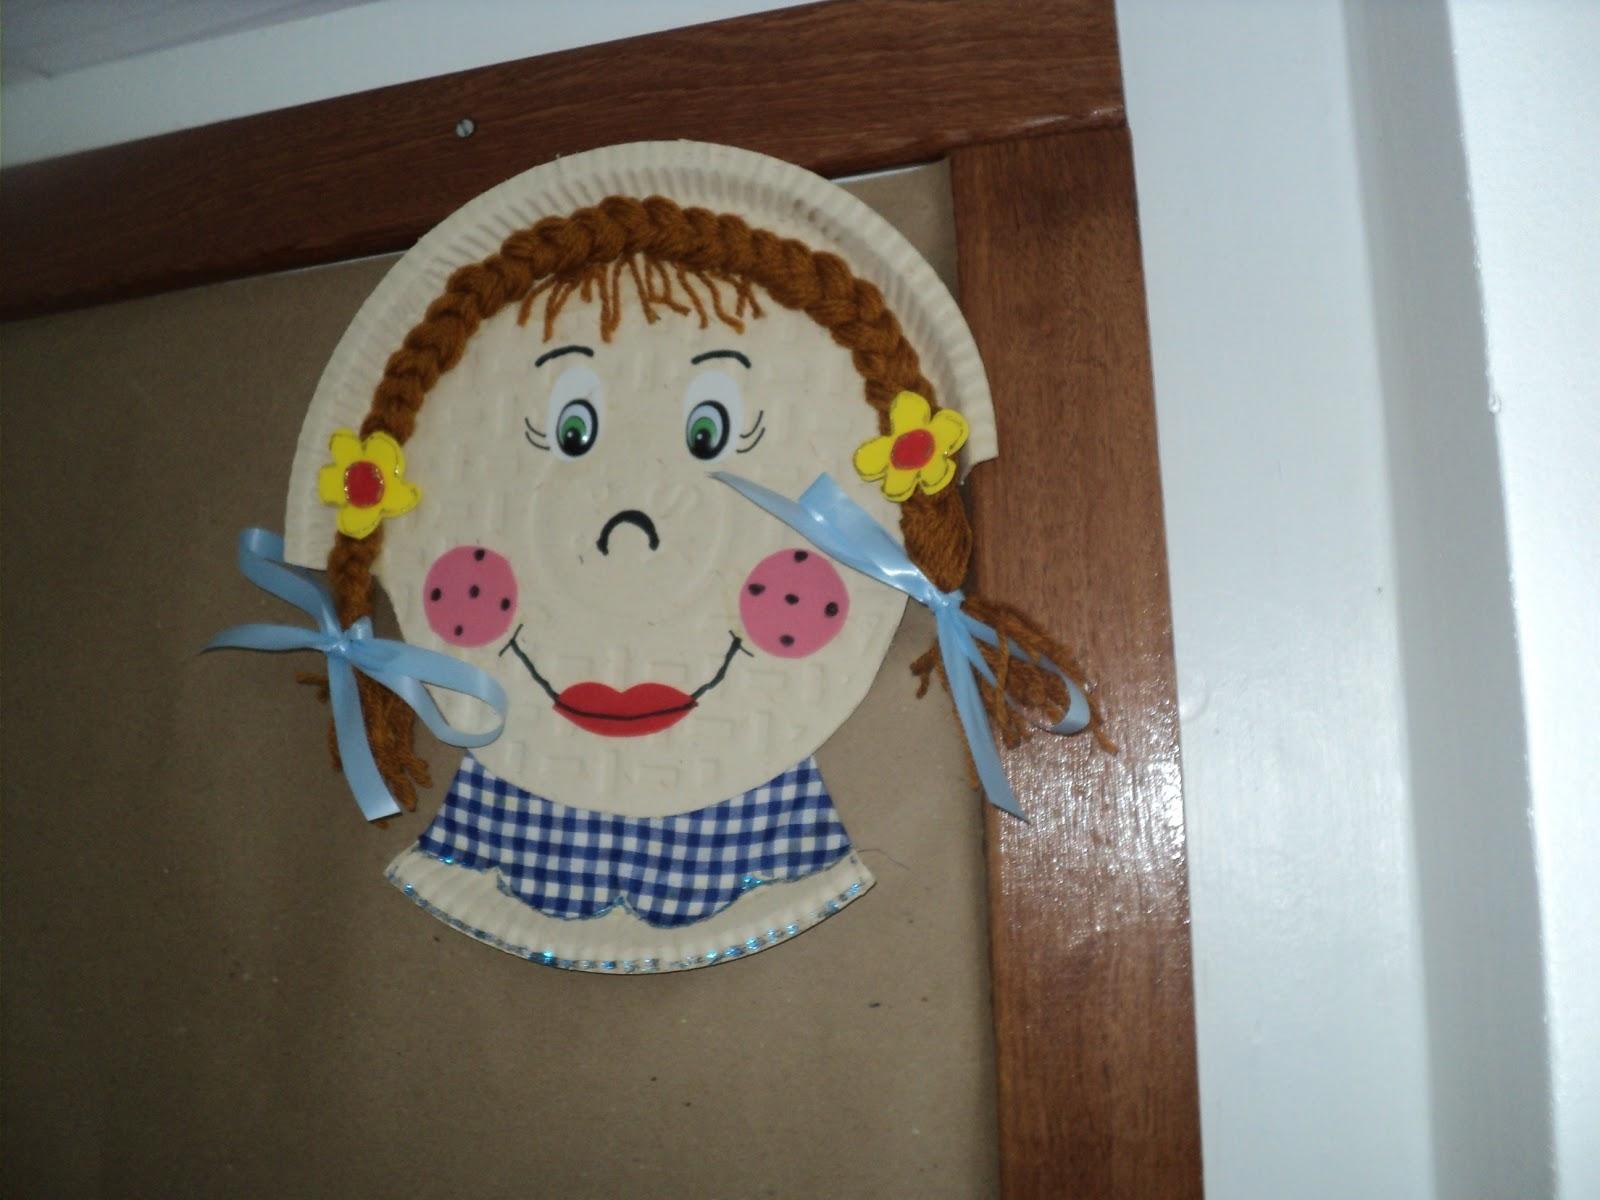 Artesanato Na Escola ~ Tathi sonho pratos decorados, artesanato na escola, decoraç u00e3o junina